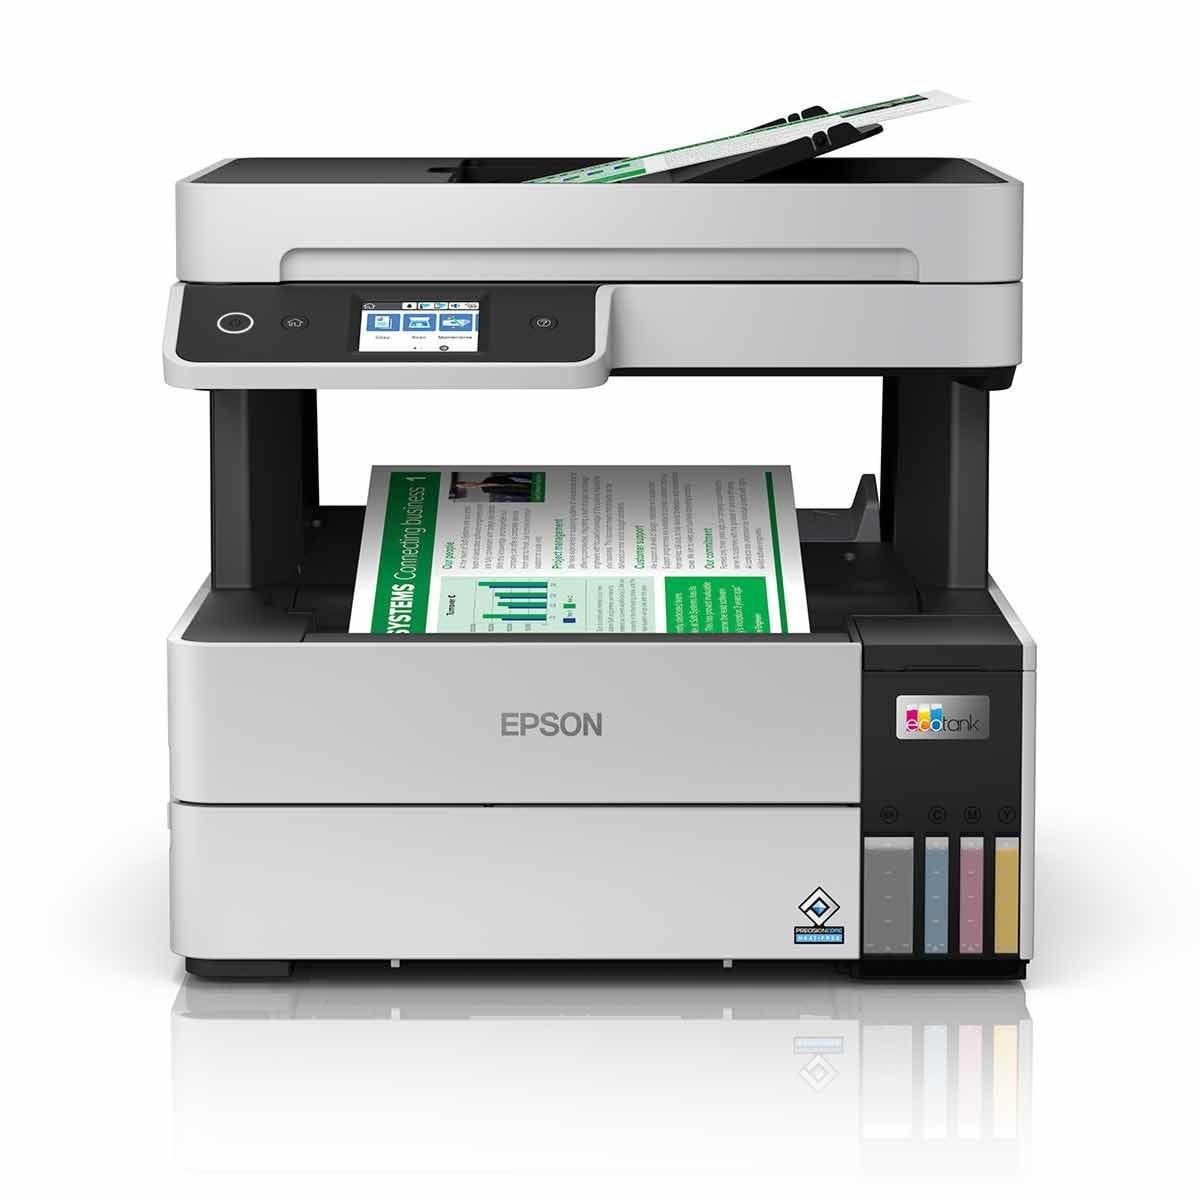 Epson EcoTank ET-5150 All in One Wireless Inkjet Printer